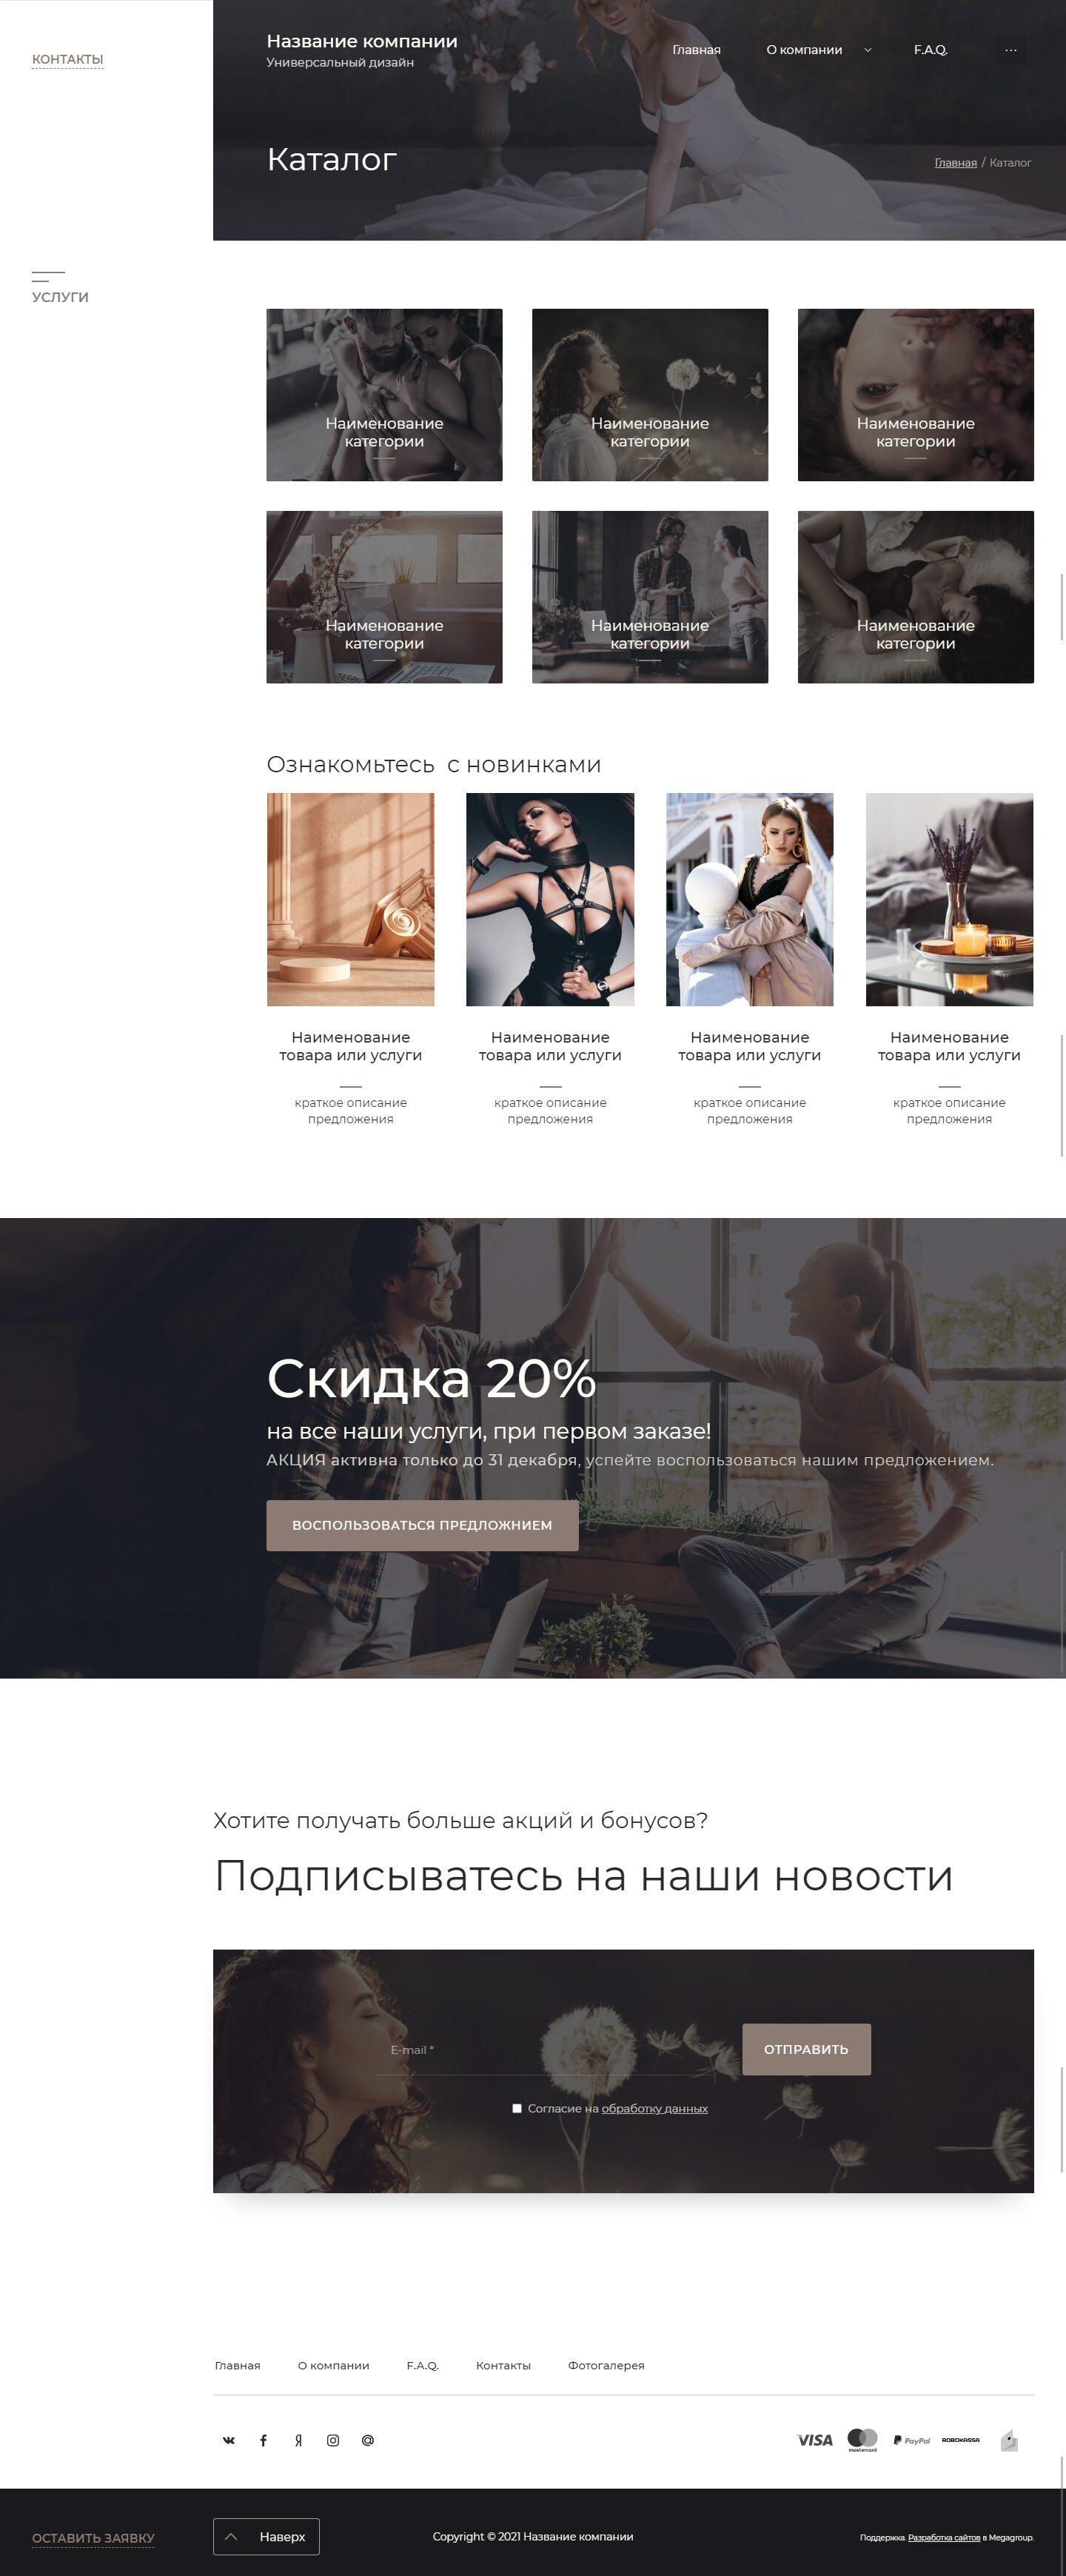 Готовый Сайт-Бизнес #3032224 - Универсальный дизайн (Каталог)